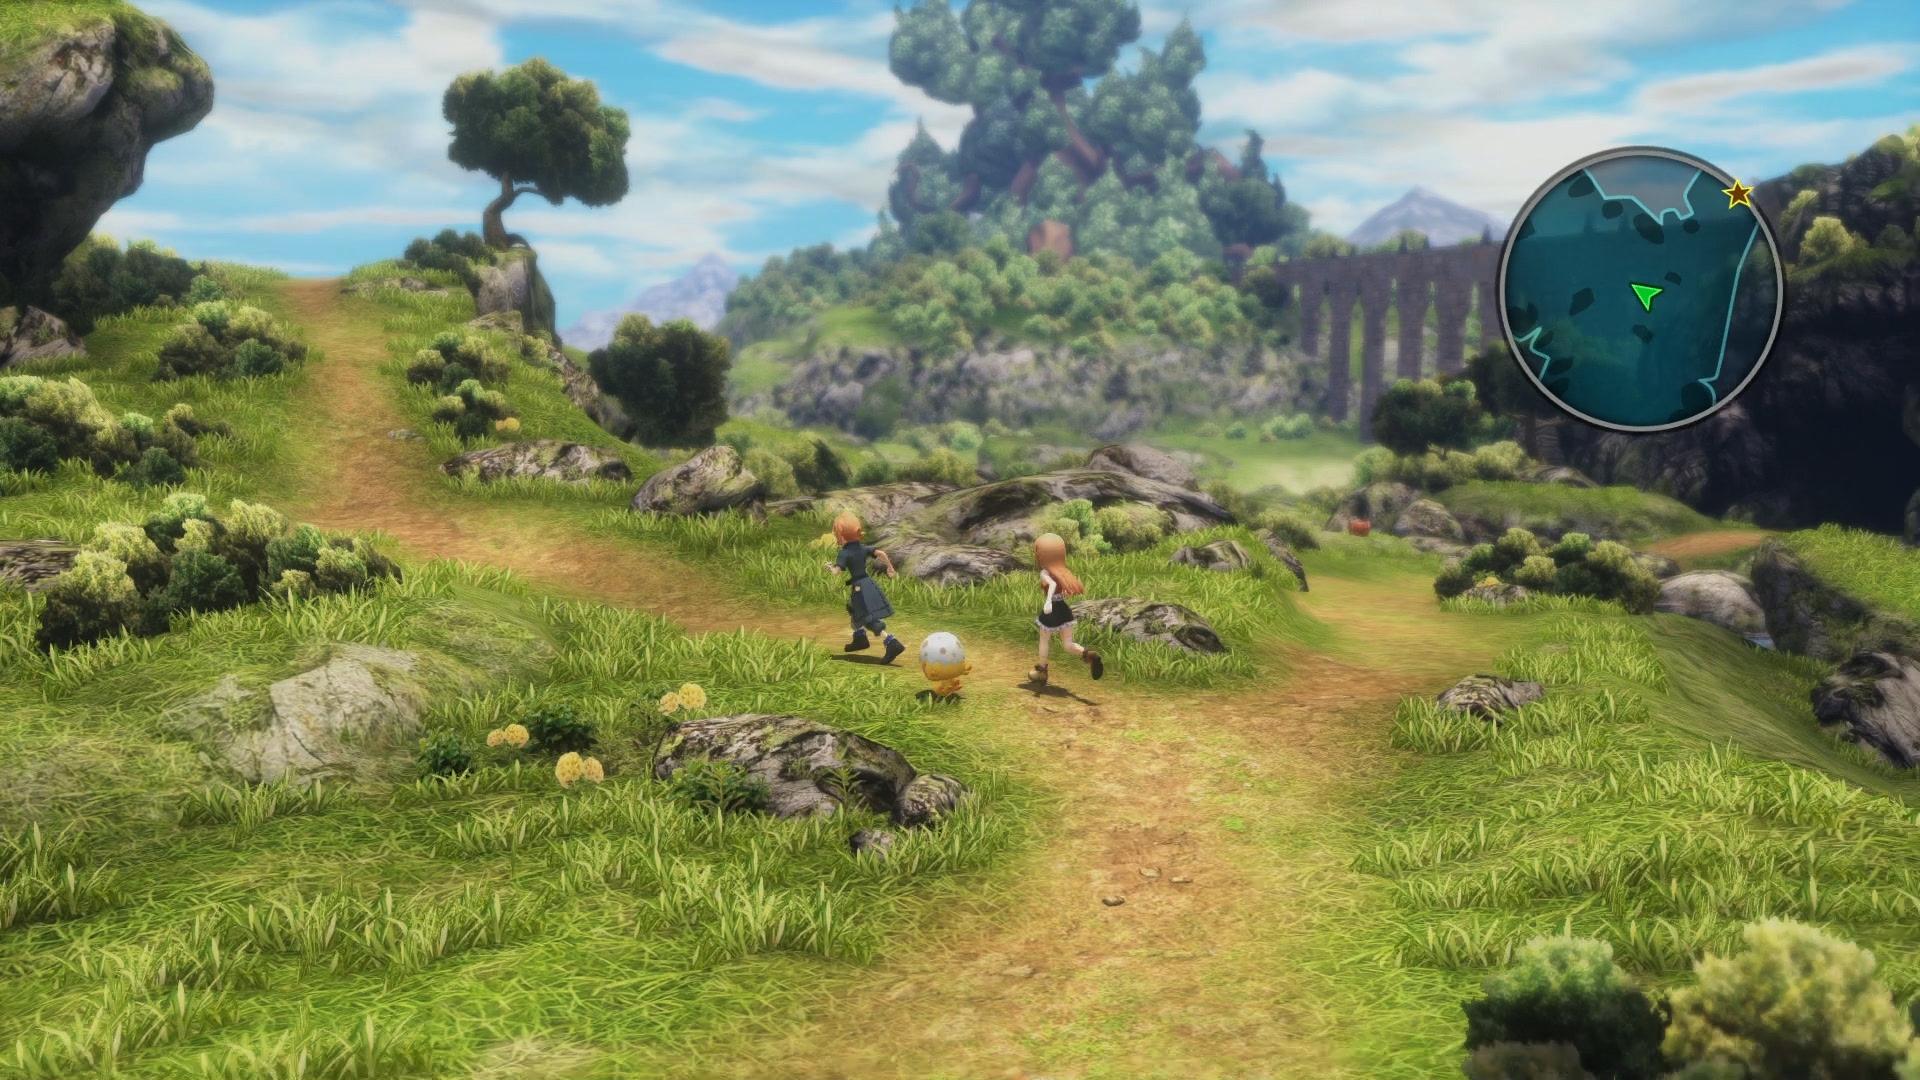 World of Final Fantasy vypadá na obrázcích pohádkově 130357